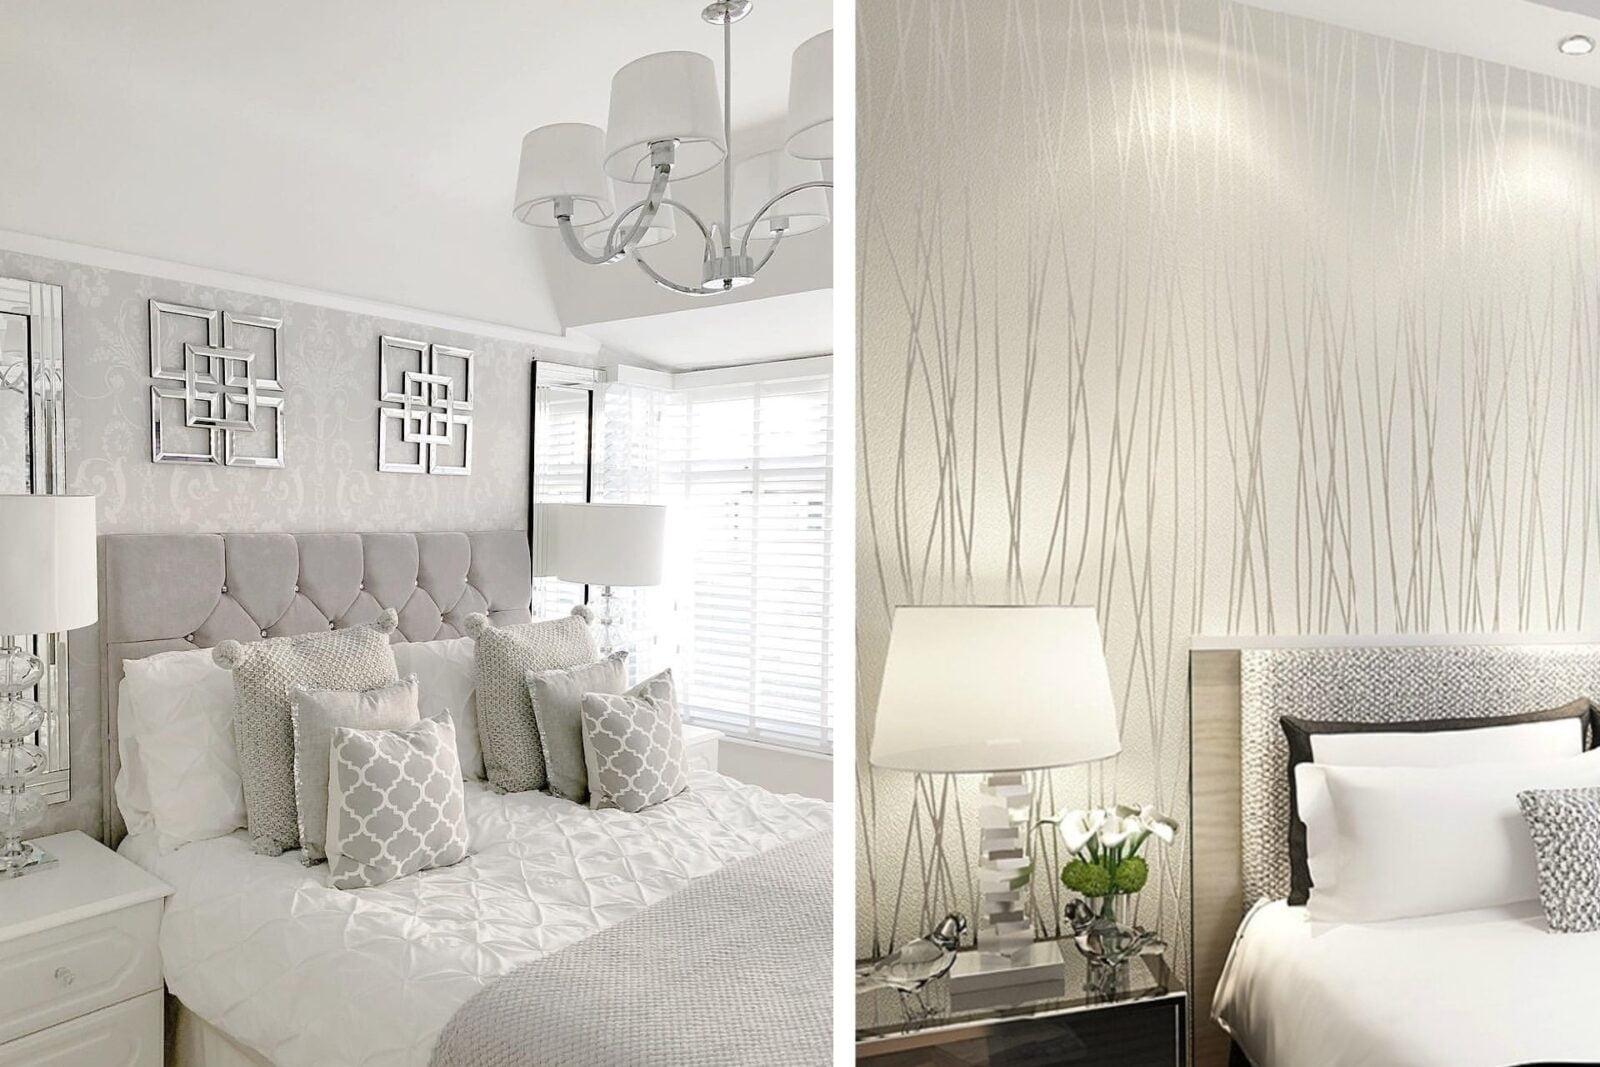 Camera Da Letto Bianca E Nera bianco e argento: alcune idee di décor per una camera da